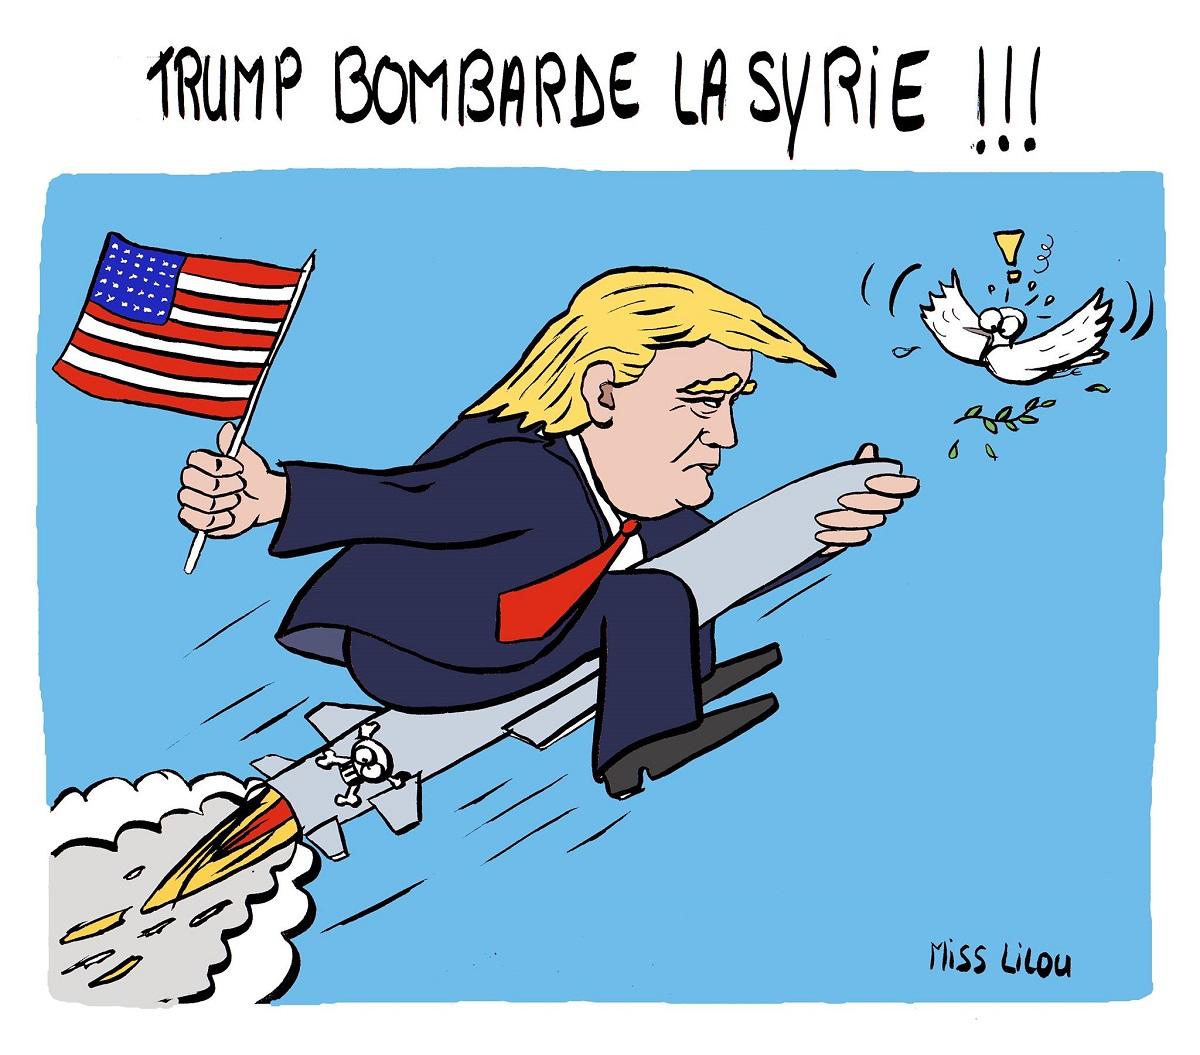 Dessin de Donald Trump chevauchant un missile vers la Syrie